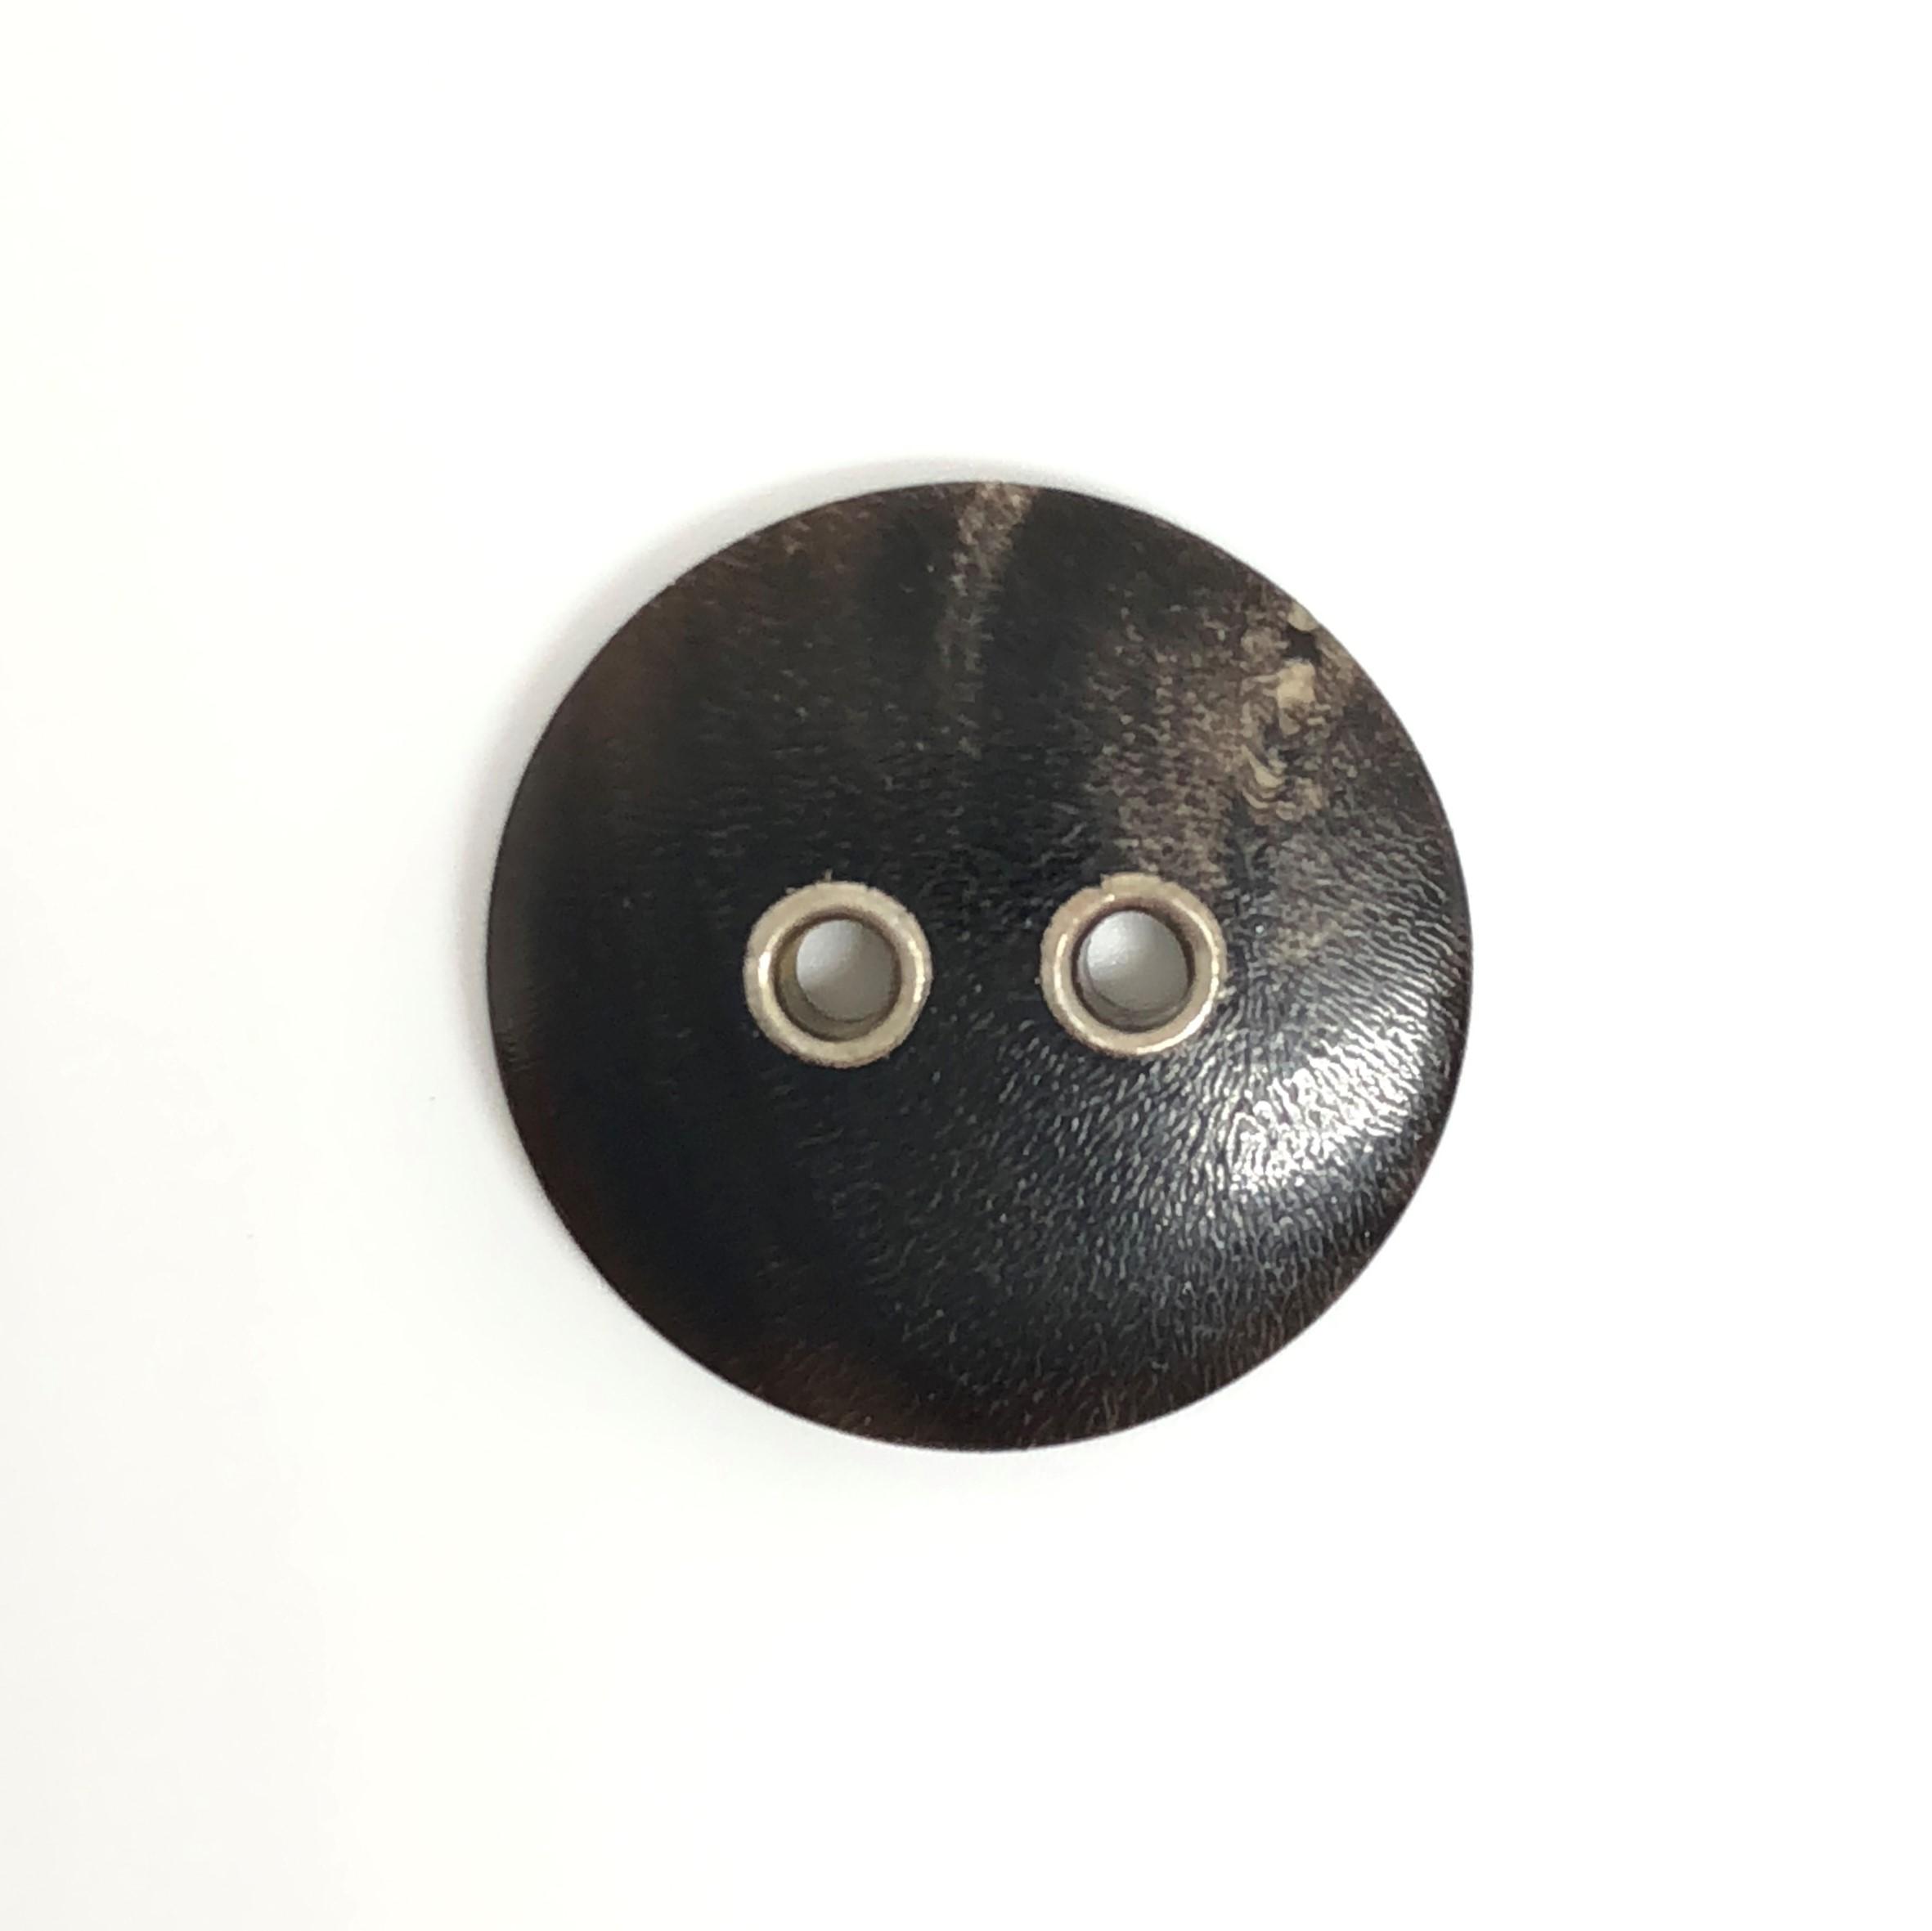 TGH1005 オリジナル 水牛ハトメボタン オークラ商事 - ApparelX アパレル資材卸通販